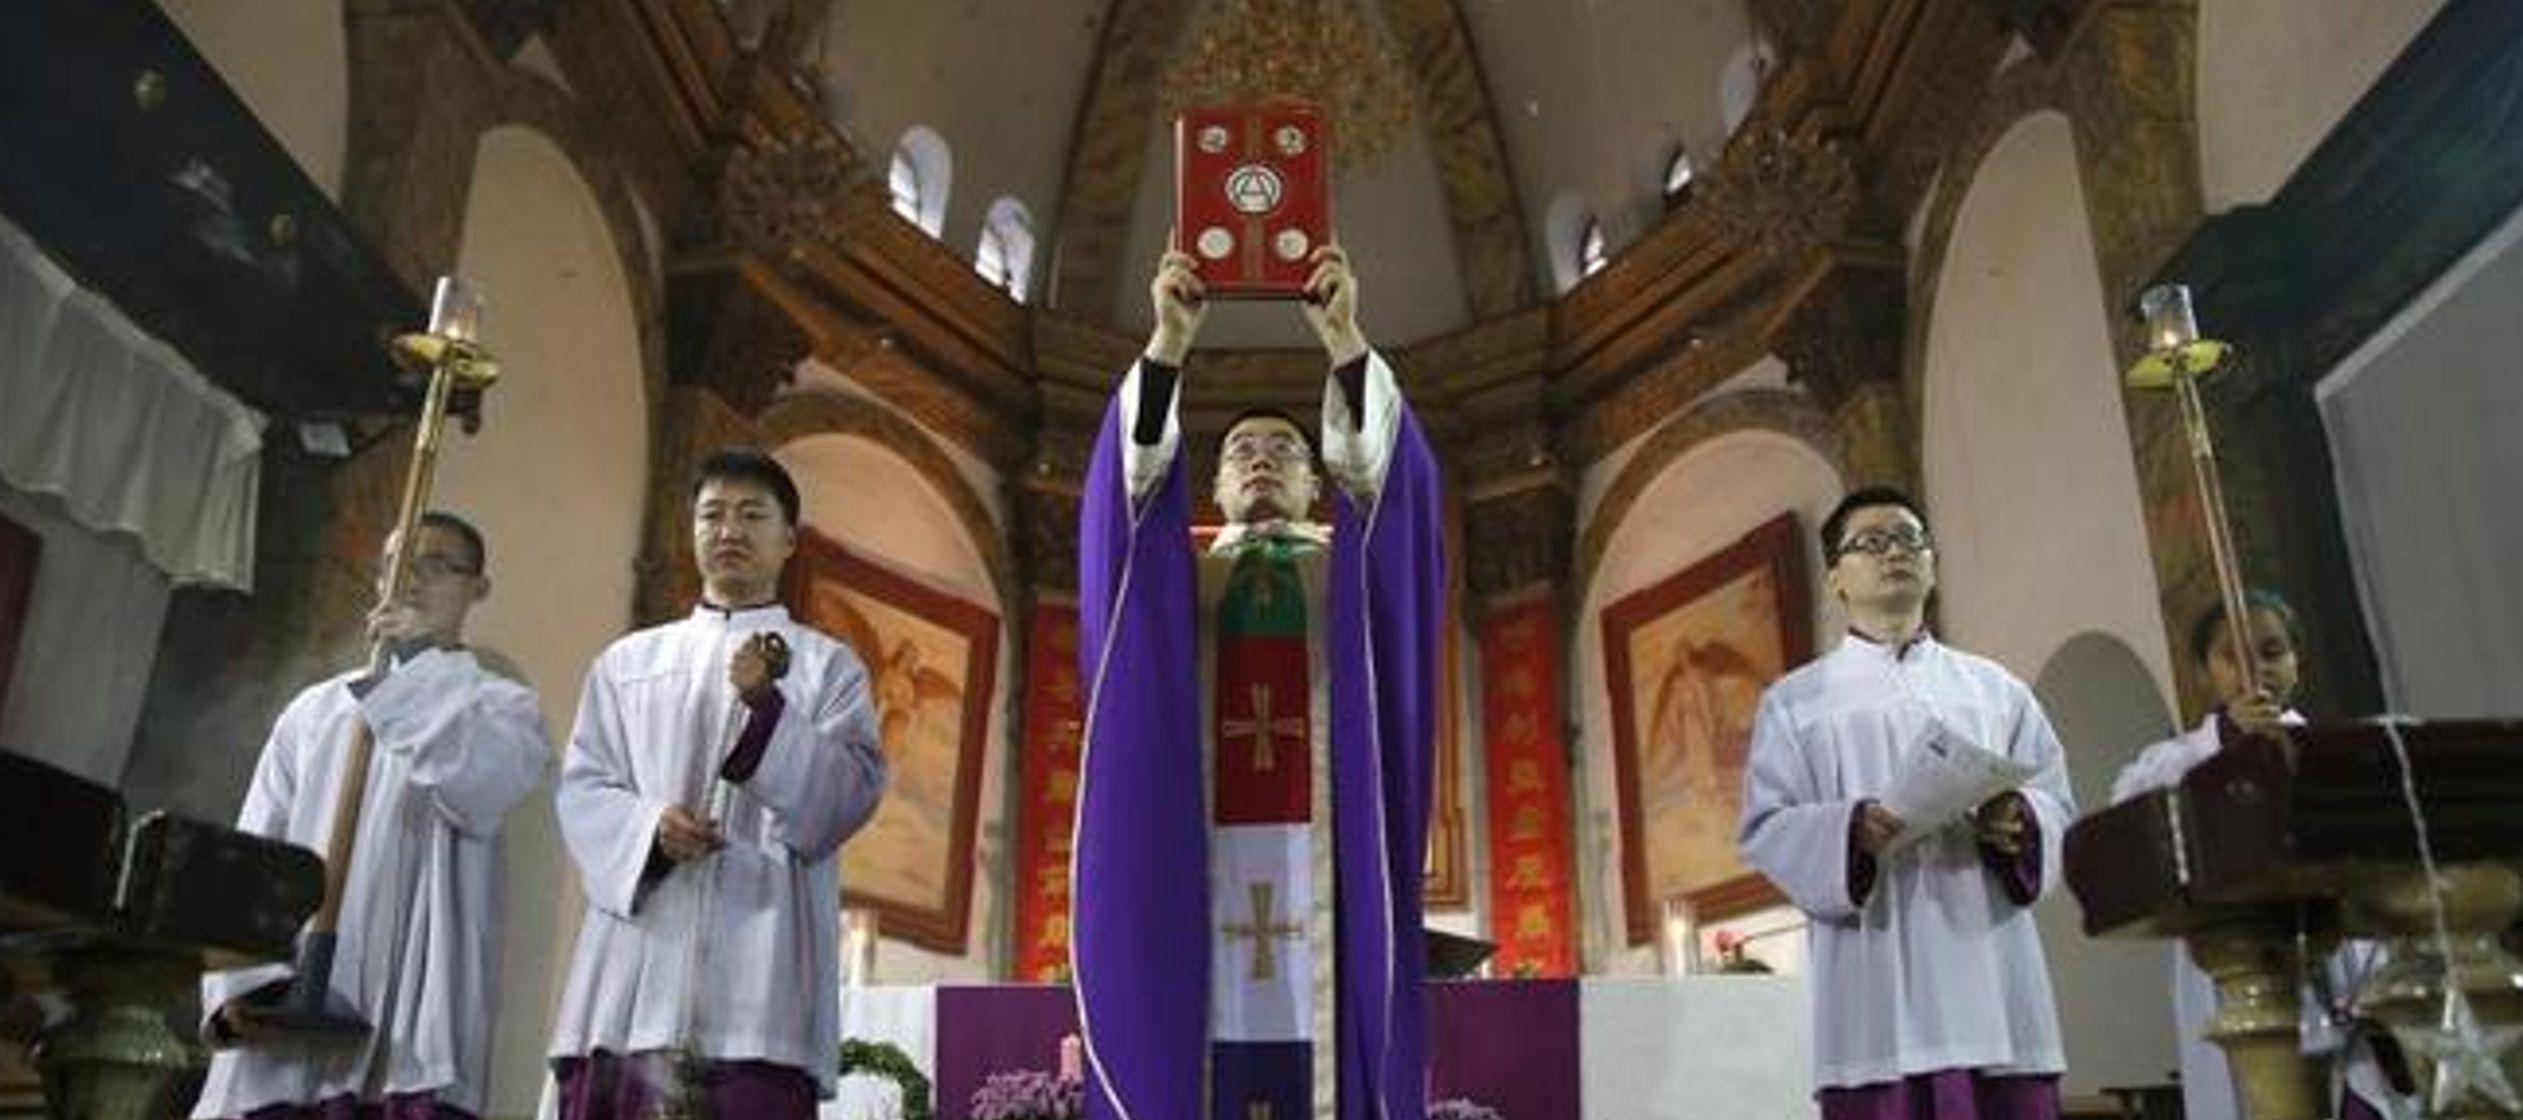 Además, por primera vez, dos obispos chinos han sido autorizados a participar en el...